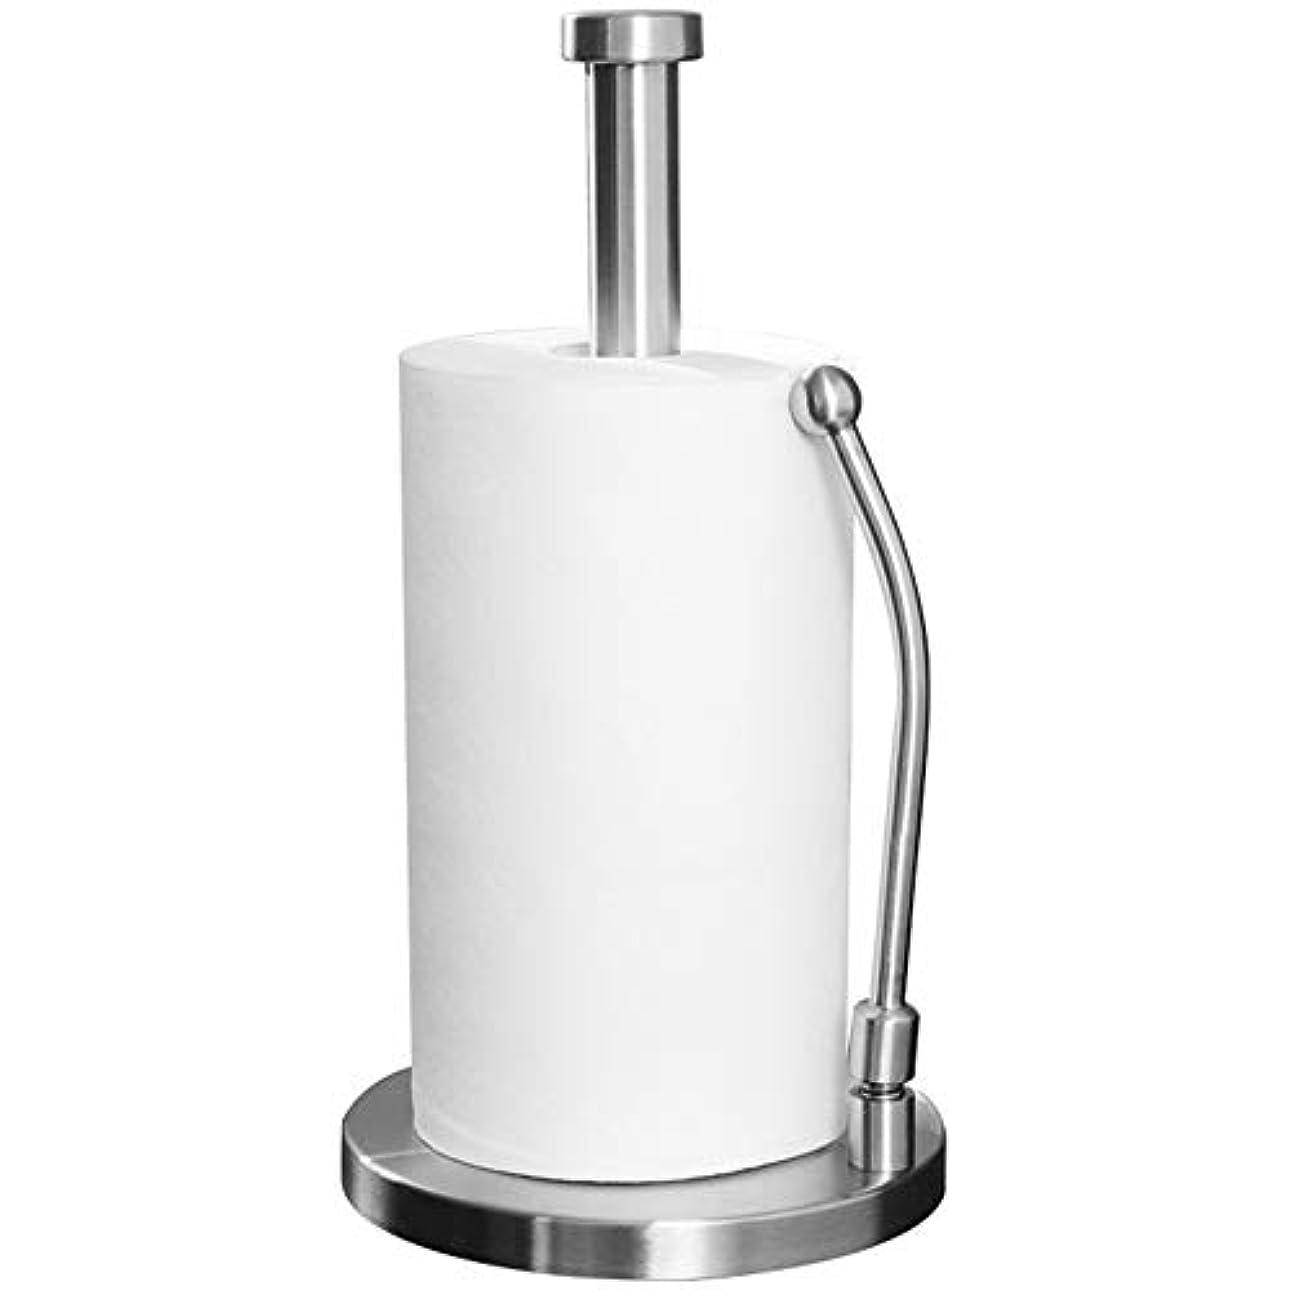 分散最大取得ZZLX 紙タオルホルダー、ステンレス鋼プラスボールドダブルポールキッチン垂直ロールホルダー紙タオルホルダー ロングハンドル風呂ブラシ